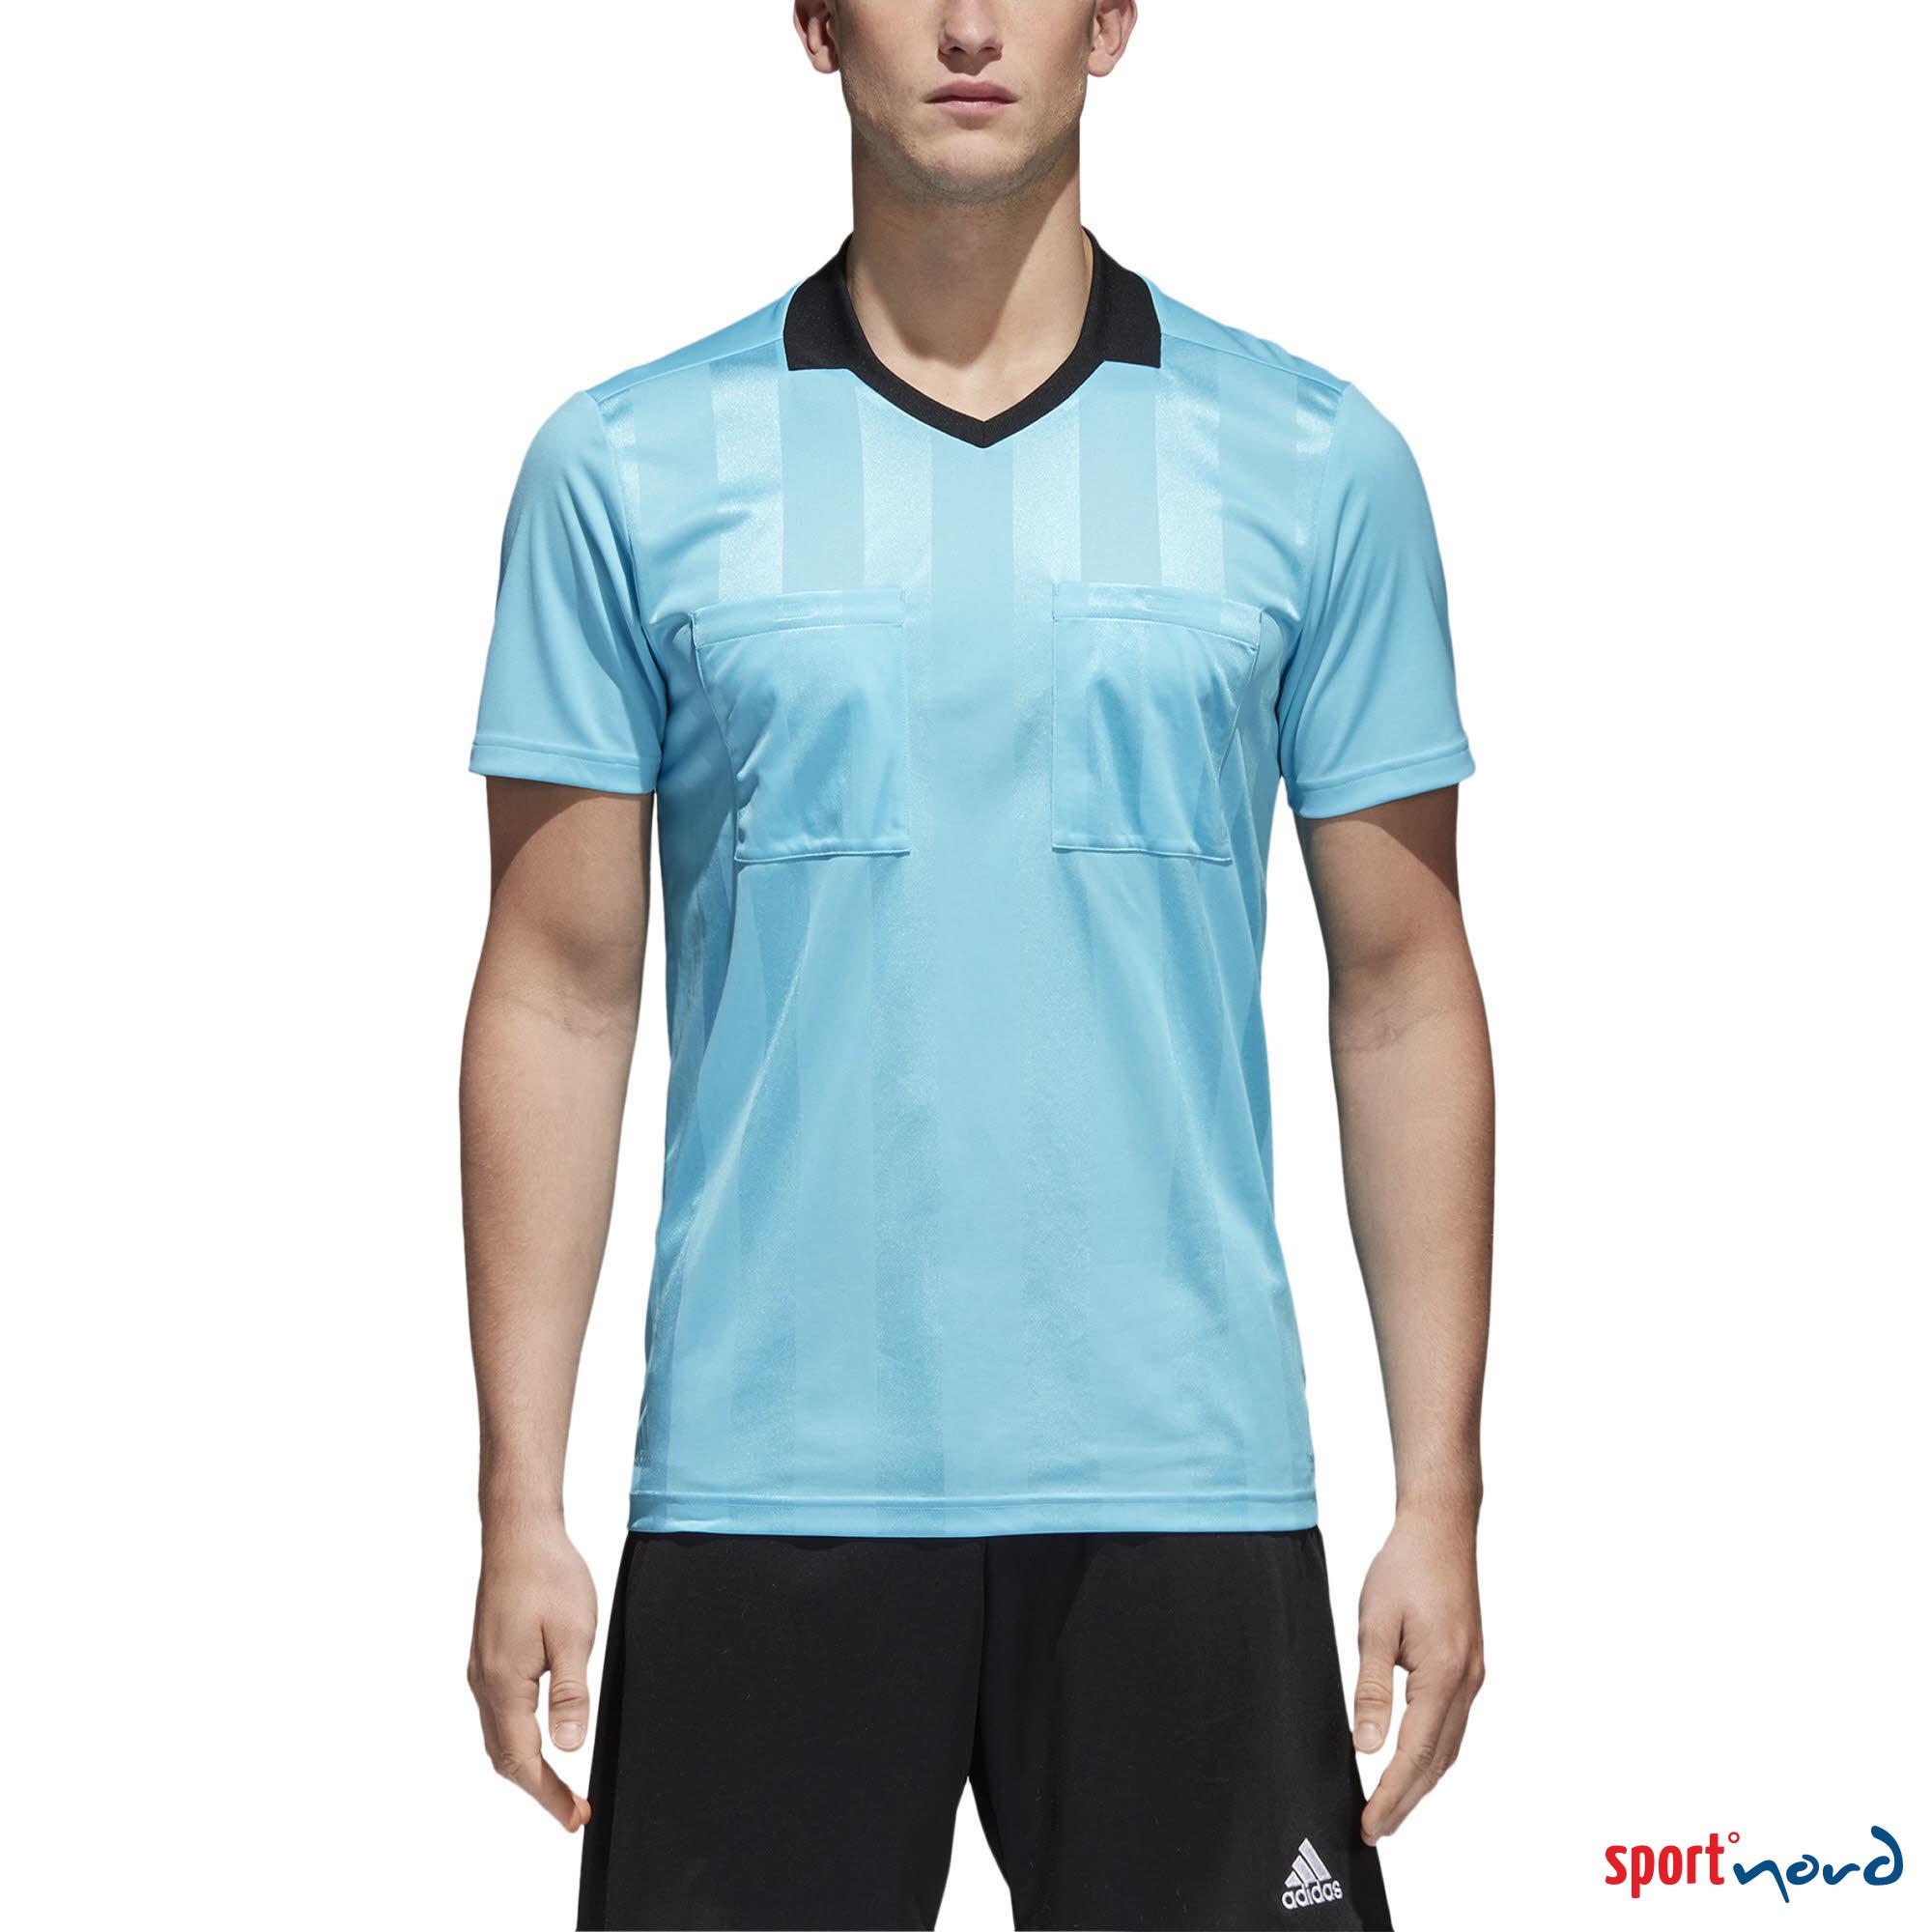 3804d04f4 Referee 18 Schiedsrichtertrikot kurzarm blau von Adidas Salomon AG ...